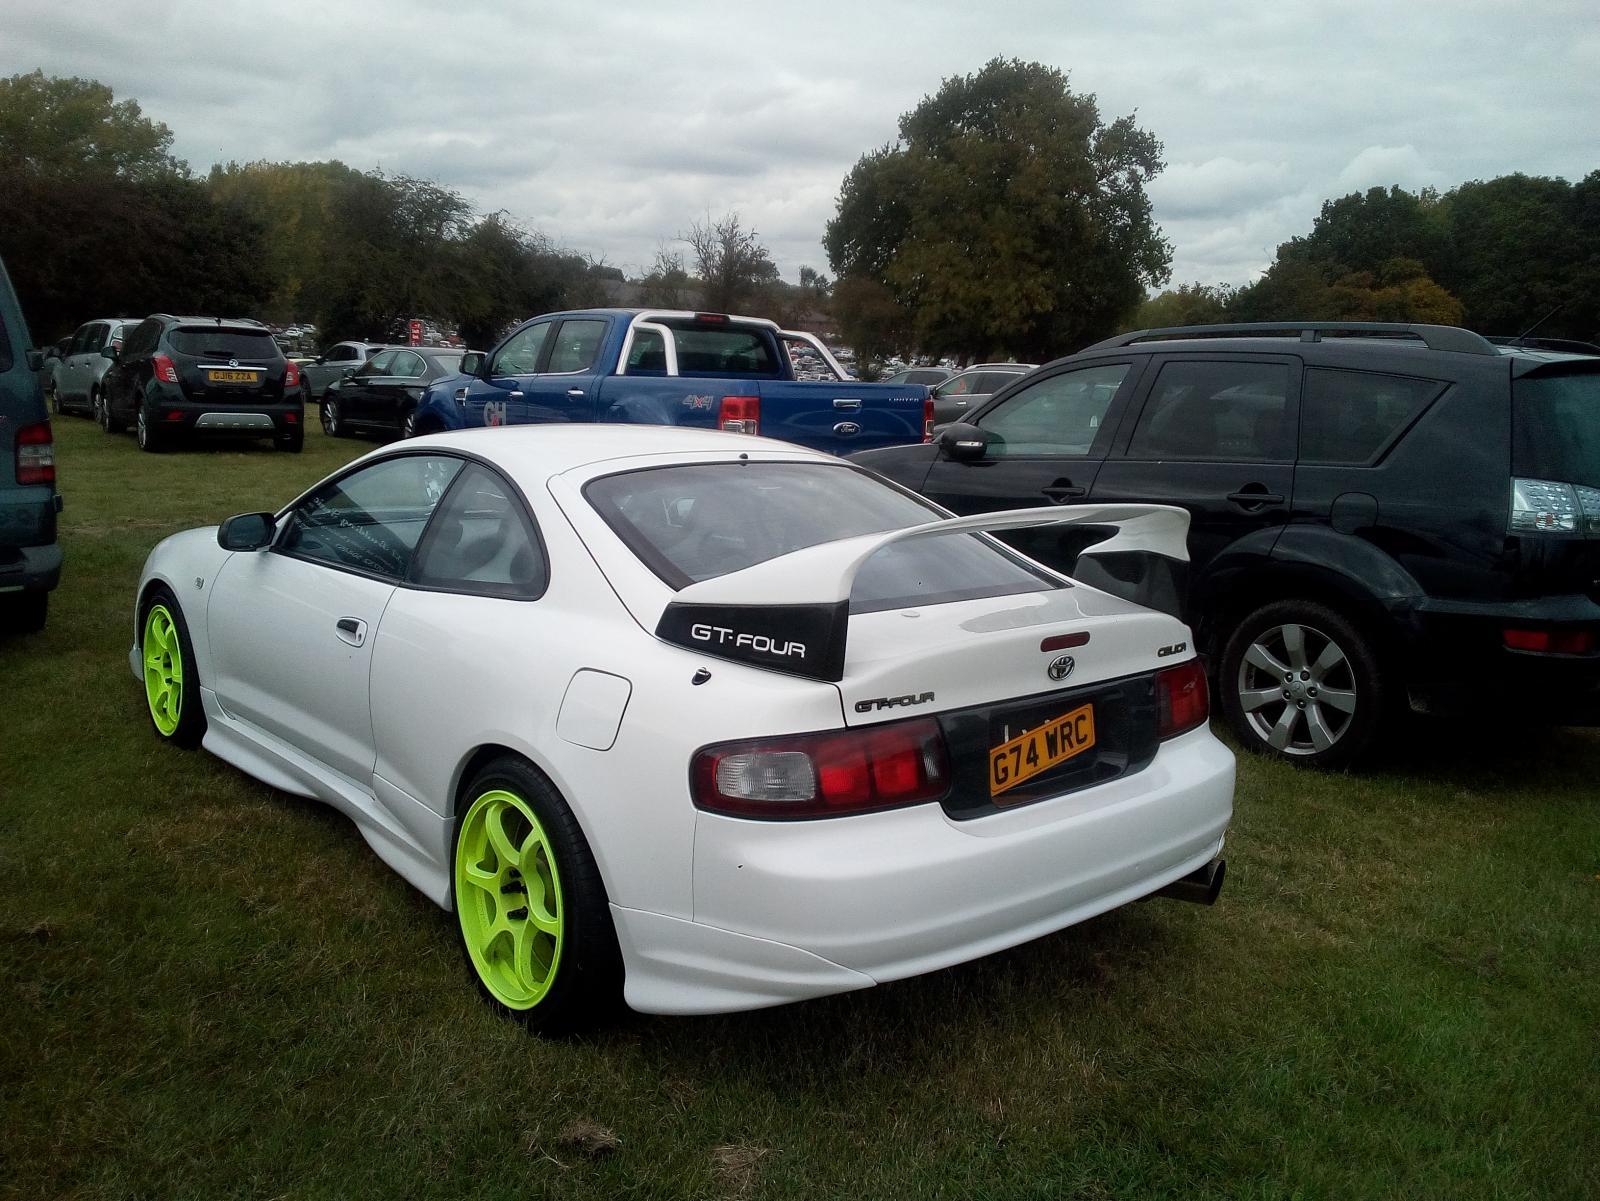 btcc_car_park2.jpg